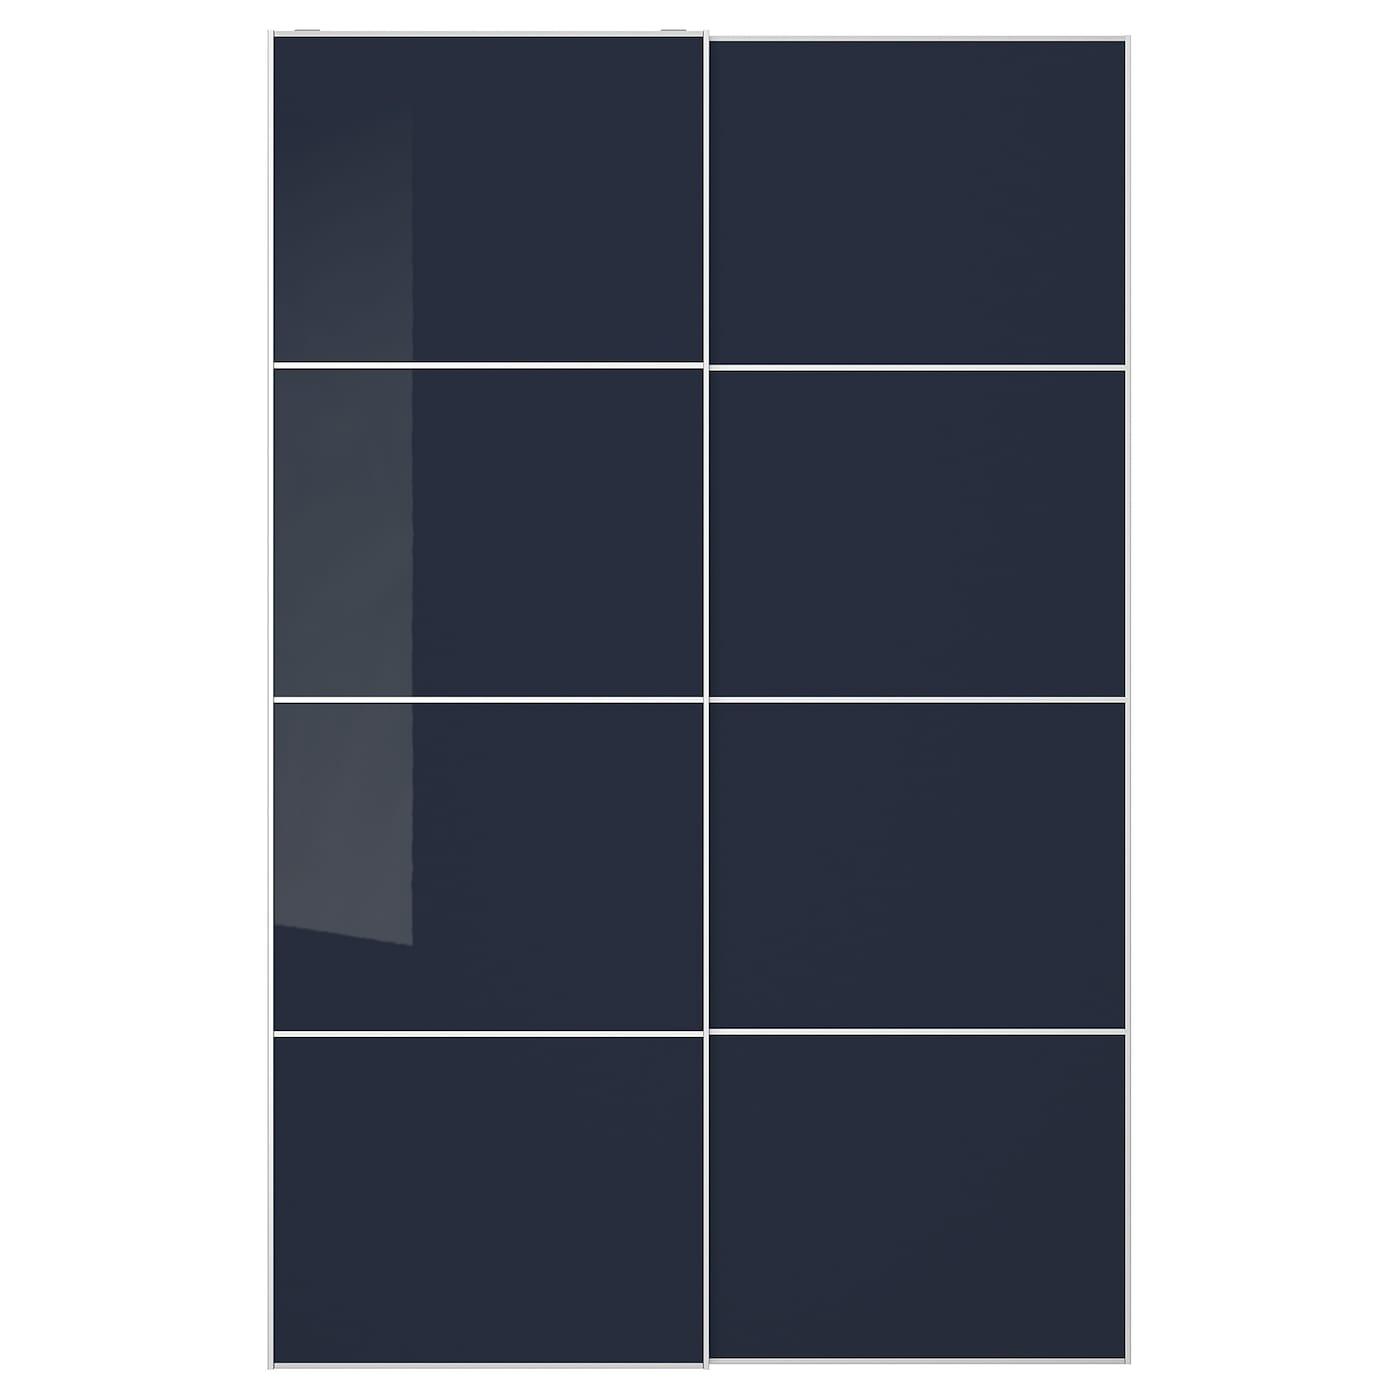 Puertas Correderas Para Armarios Pax Compra Online Ikea - Vestidores-con-puertas-correderas